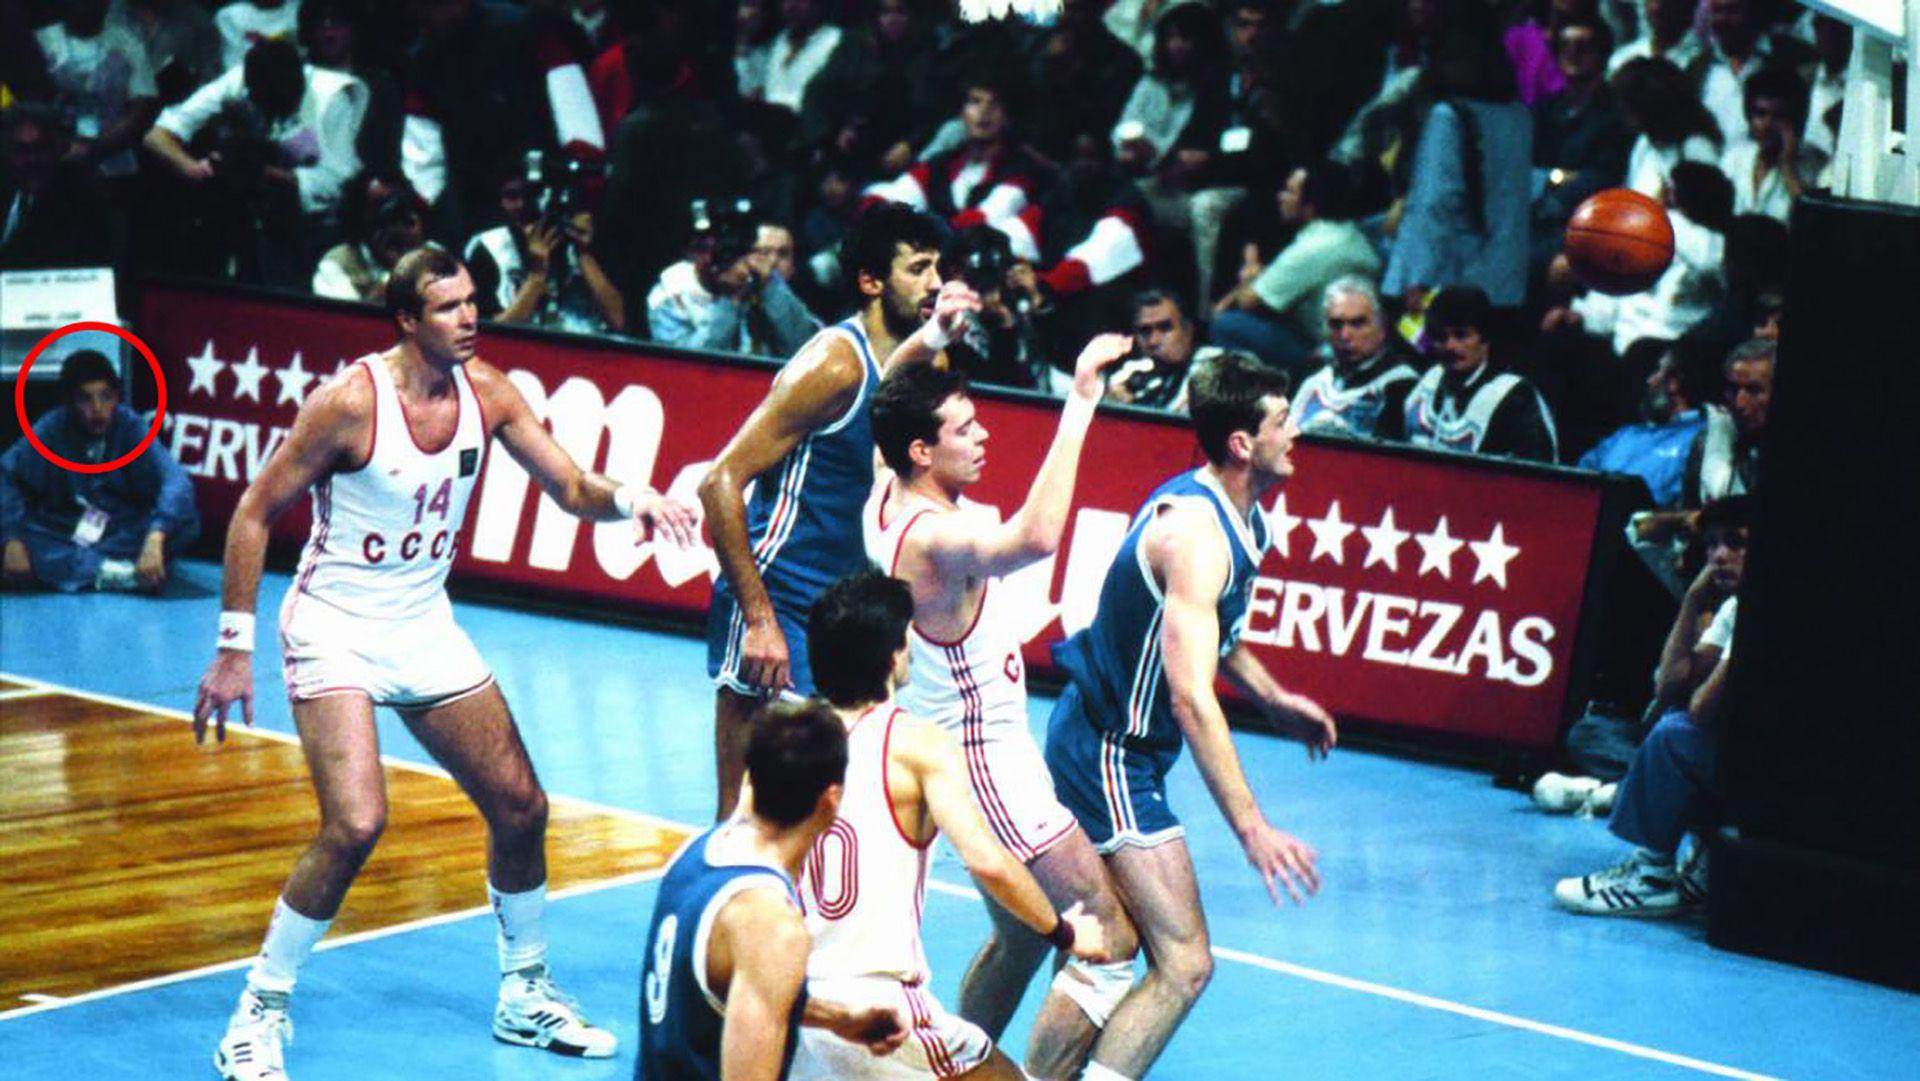 Ahí abajo, en un costado, viendo la final URSS-Yugoslavia en el Luna Park. Luifa Scola fue ballboy en el Mundial 90